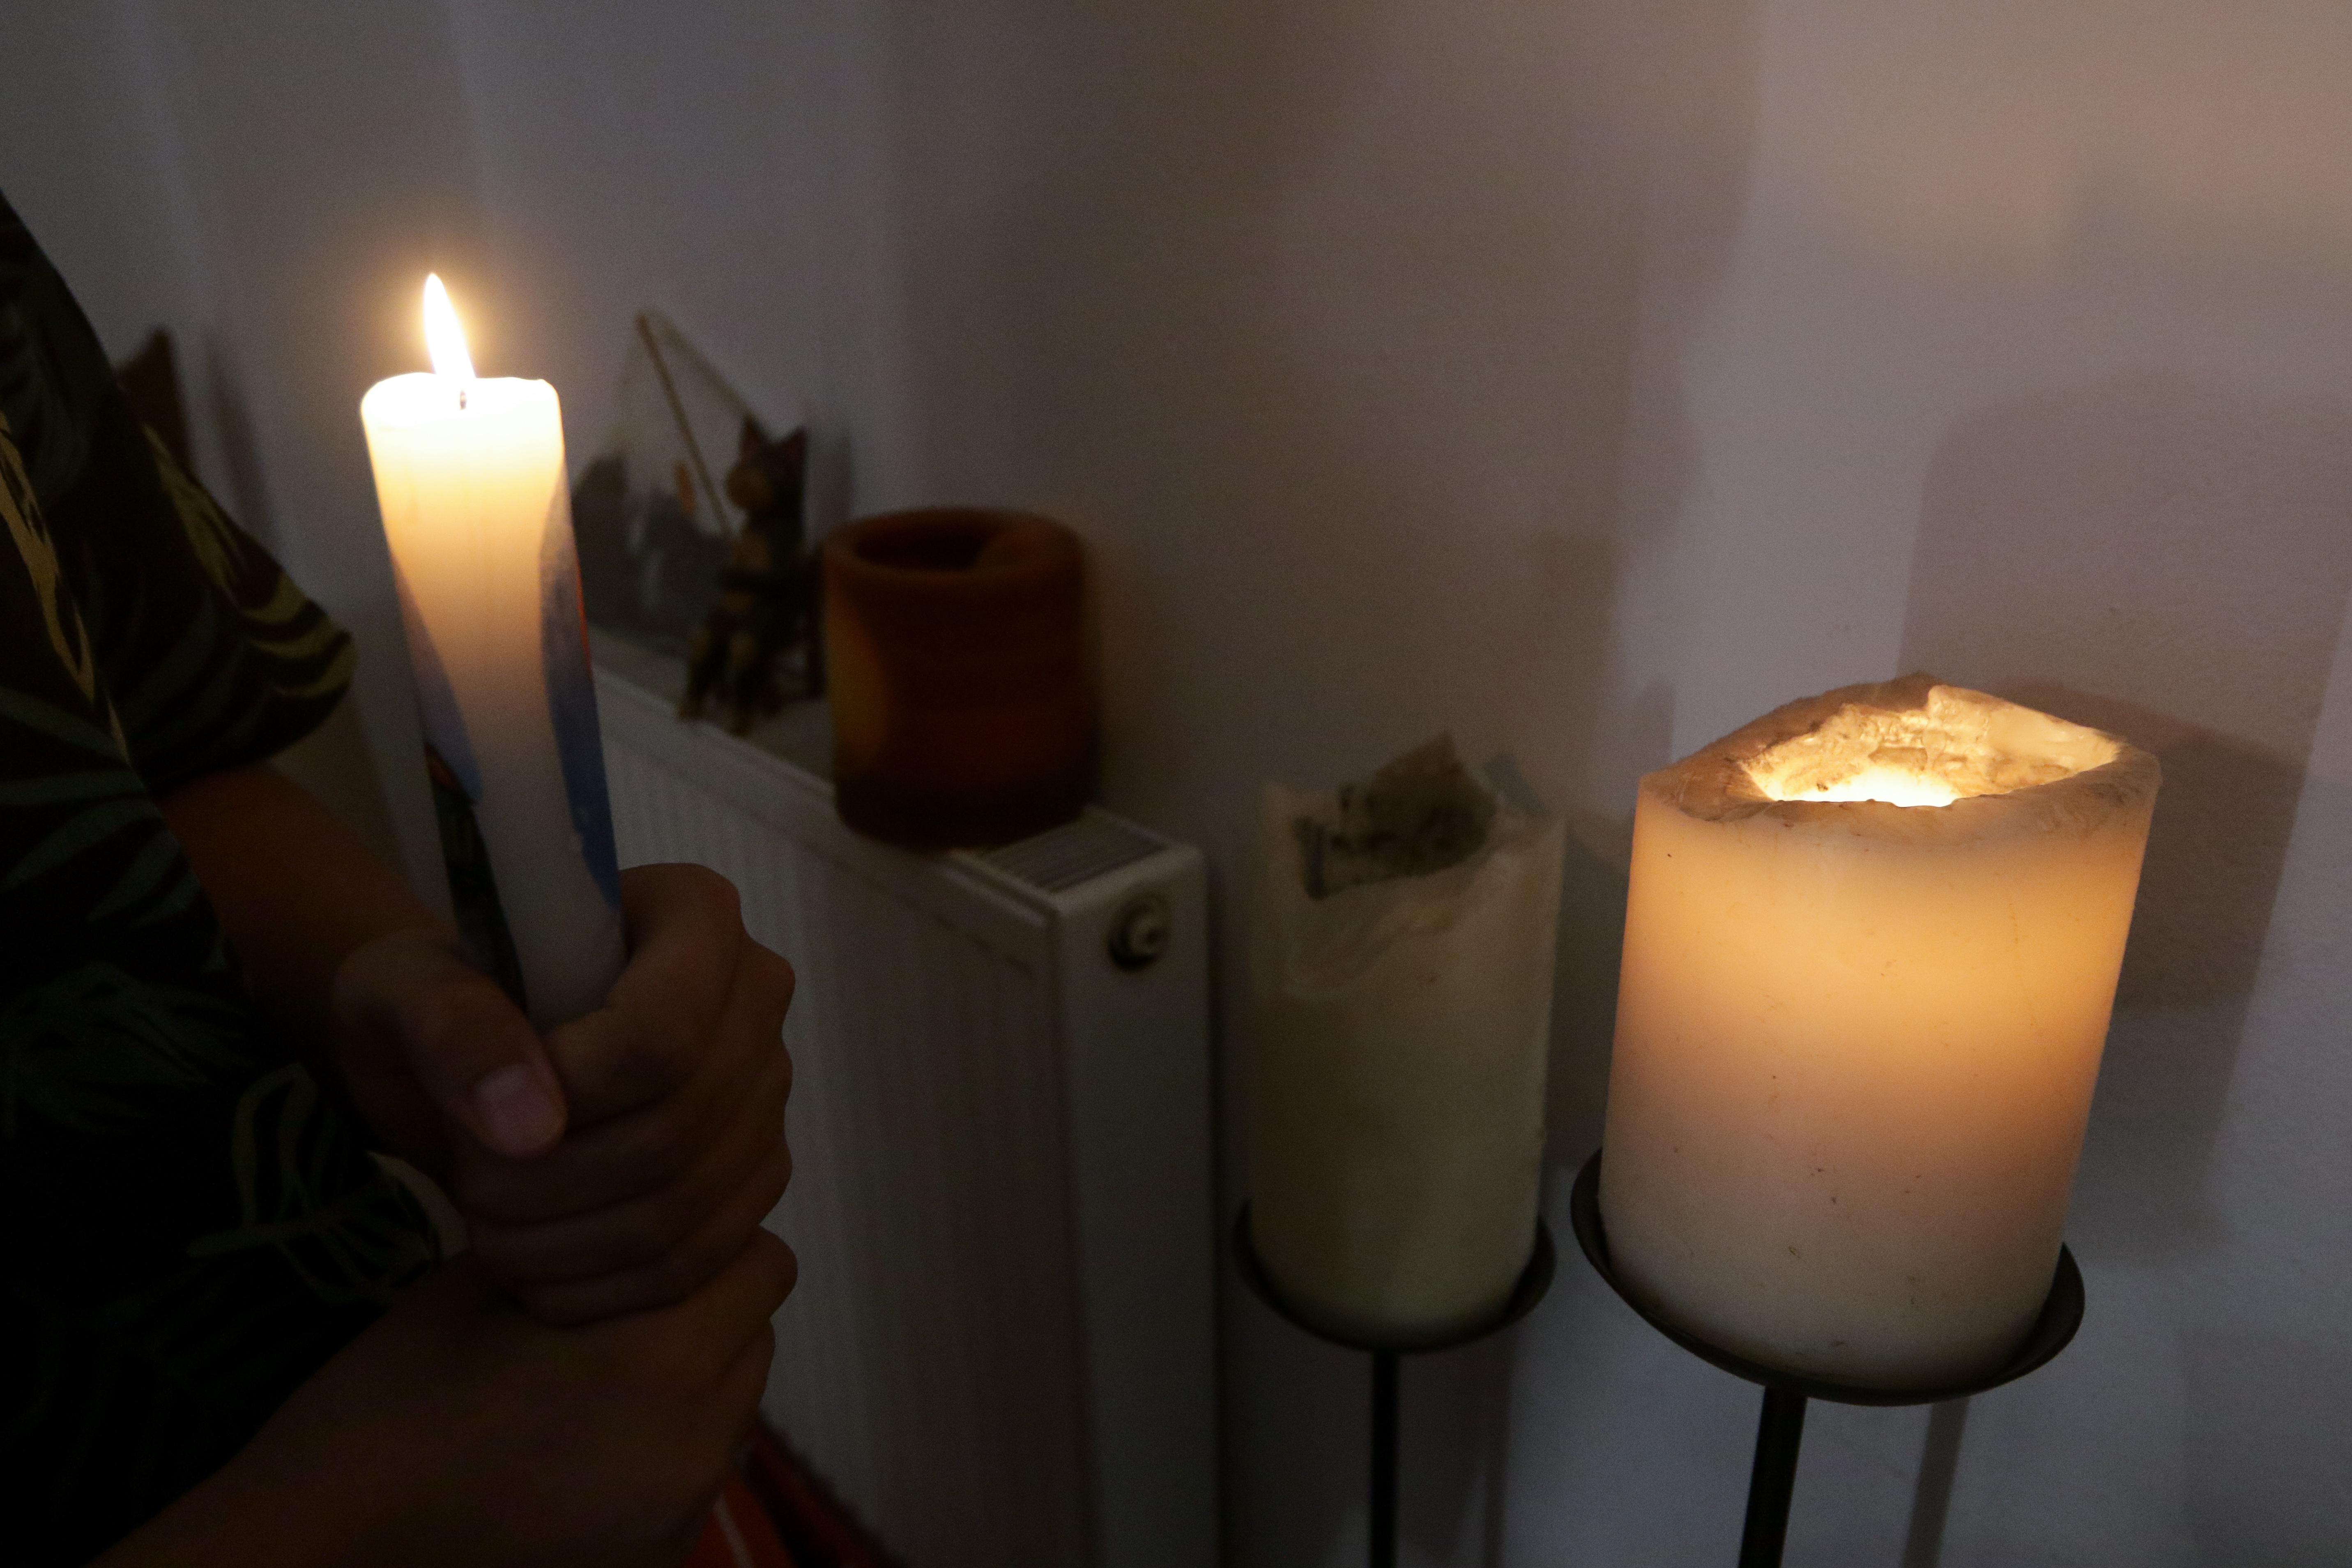 Χανιά: Σβήνουν τα φώτα για την «ώρα της γης» – Σκοτάδι για μία ολόκληρη ώρα